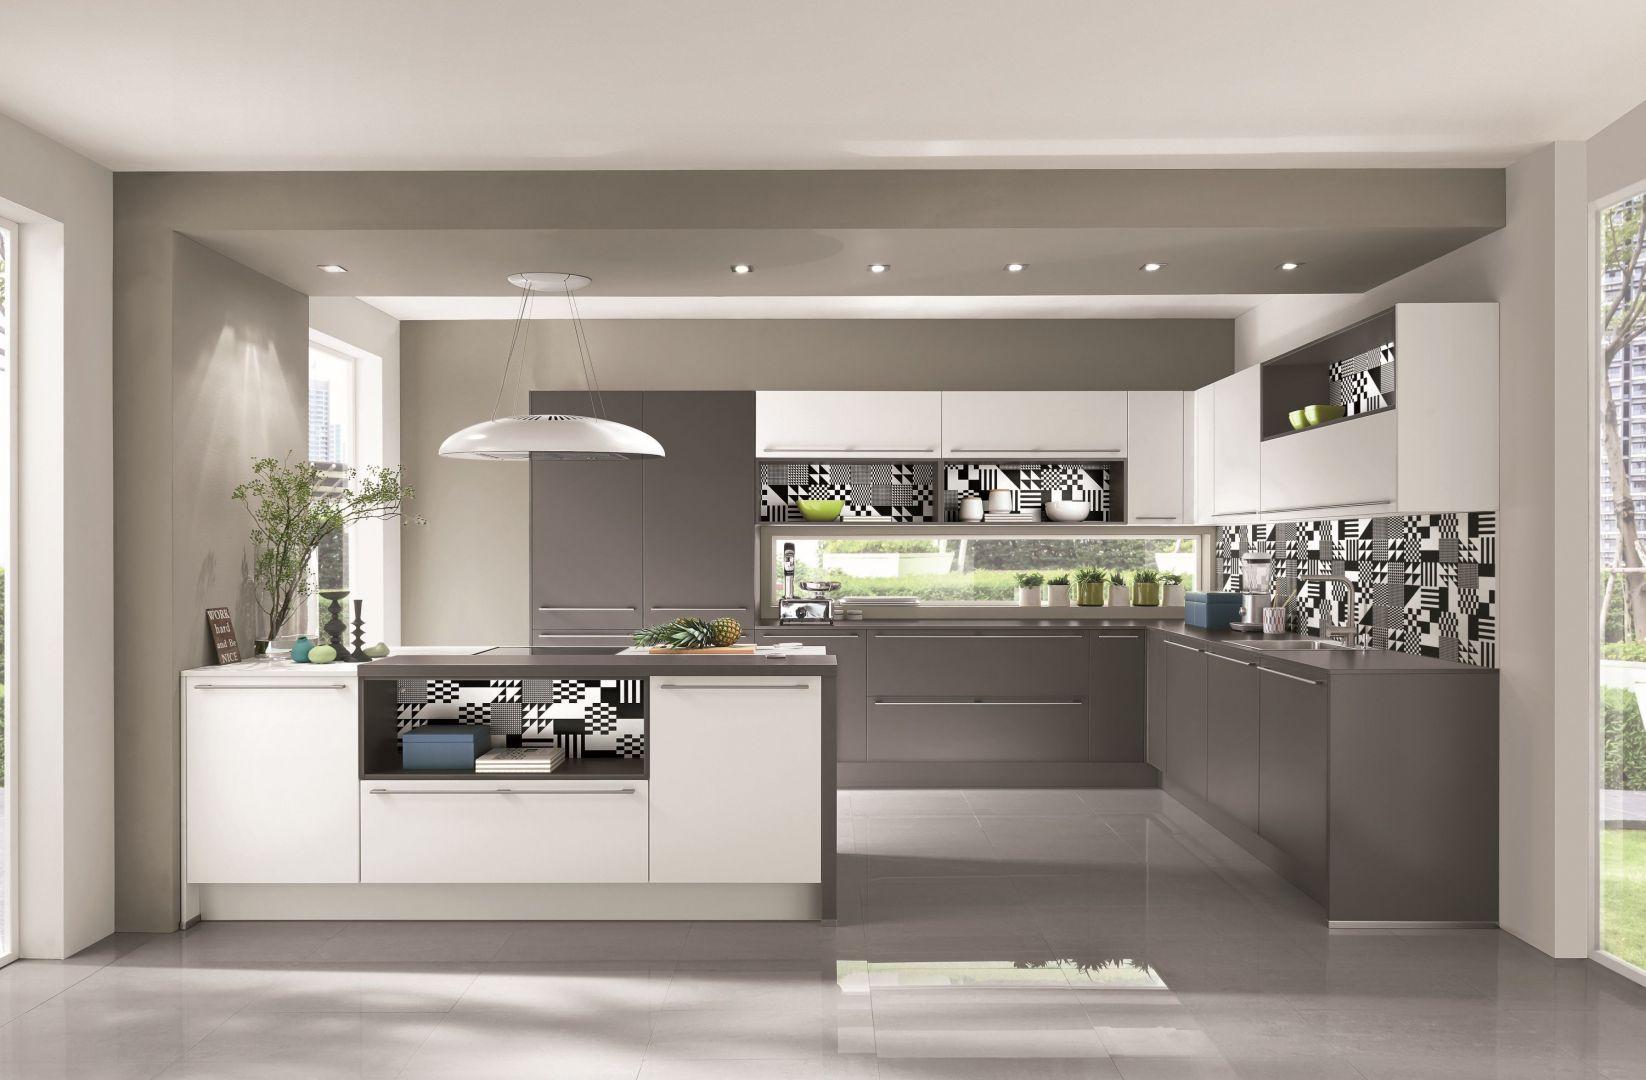 Kuchnia z wyspą - model firmy Nobilia. Fot. Nobilia